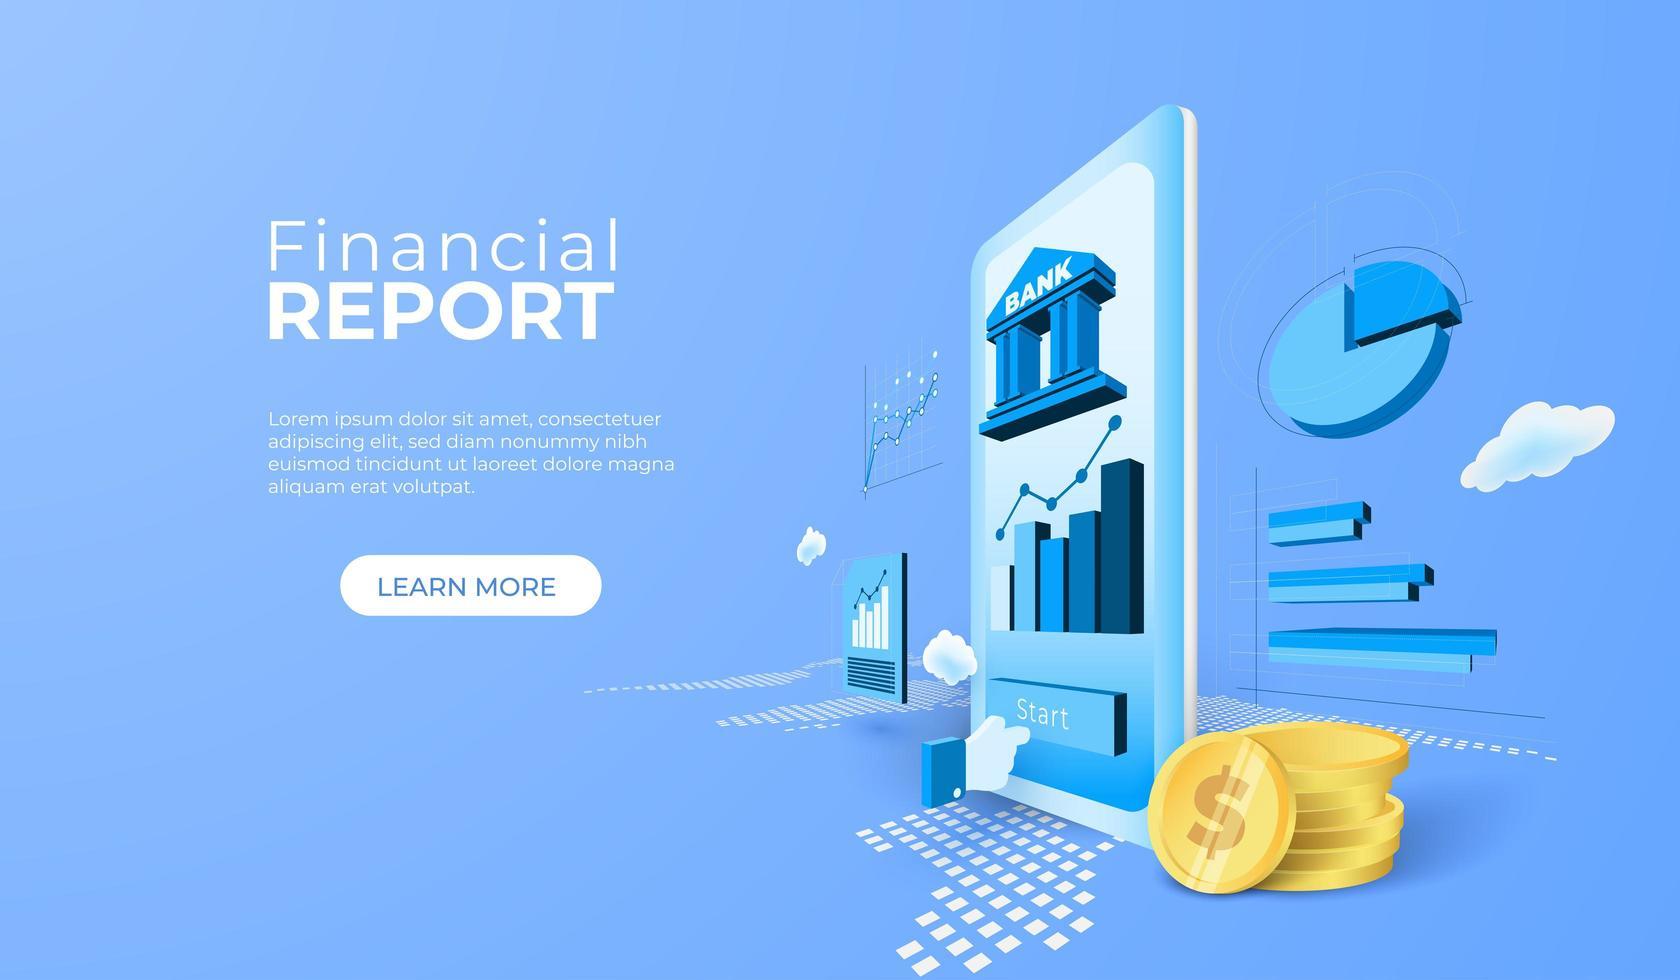 servicio bancario de informes financieros con aplicación móvil vector